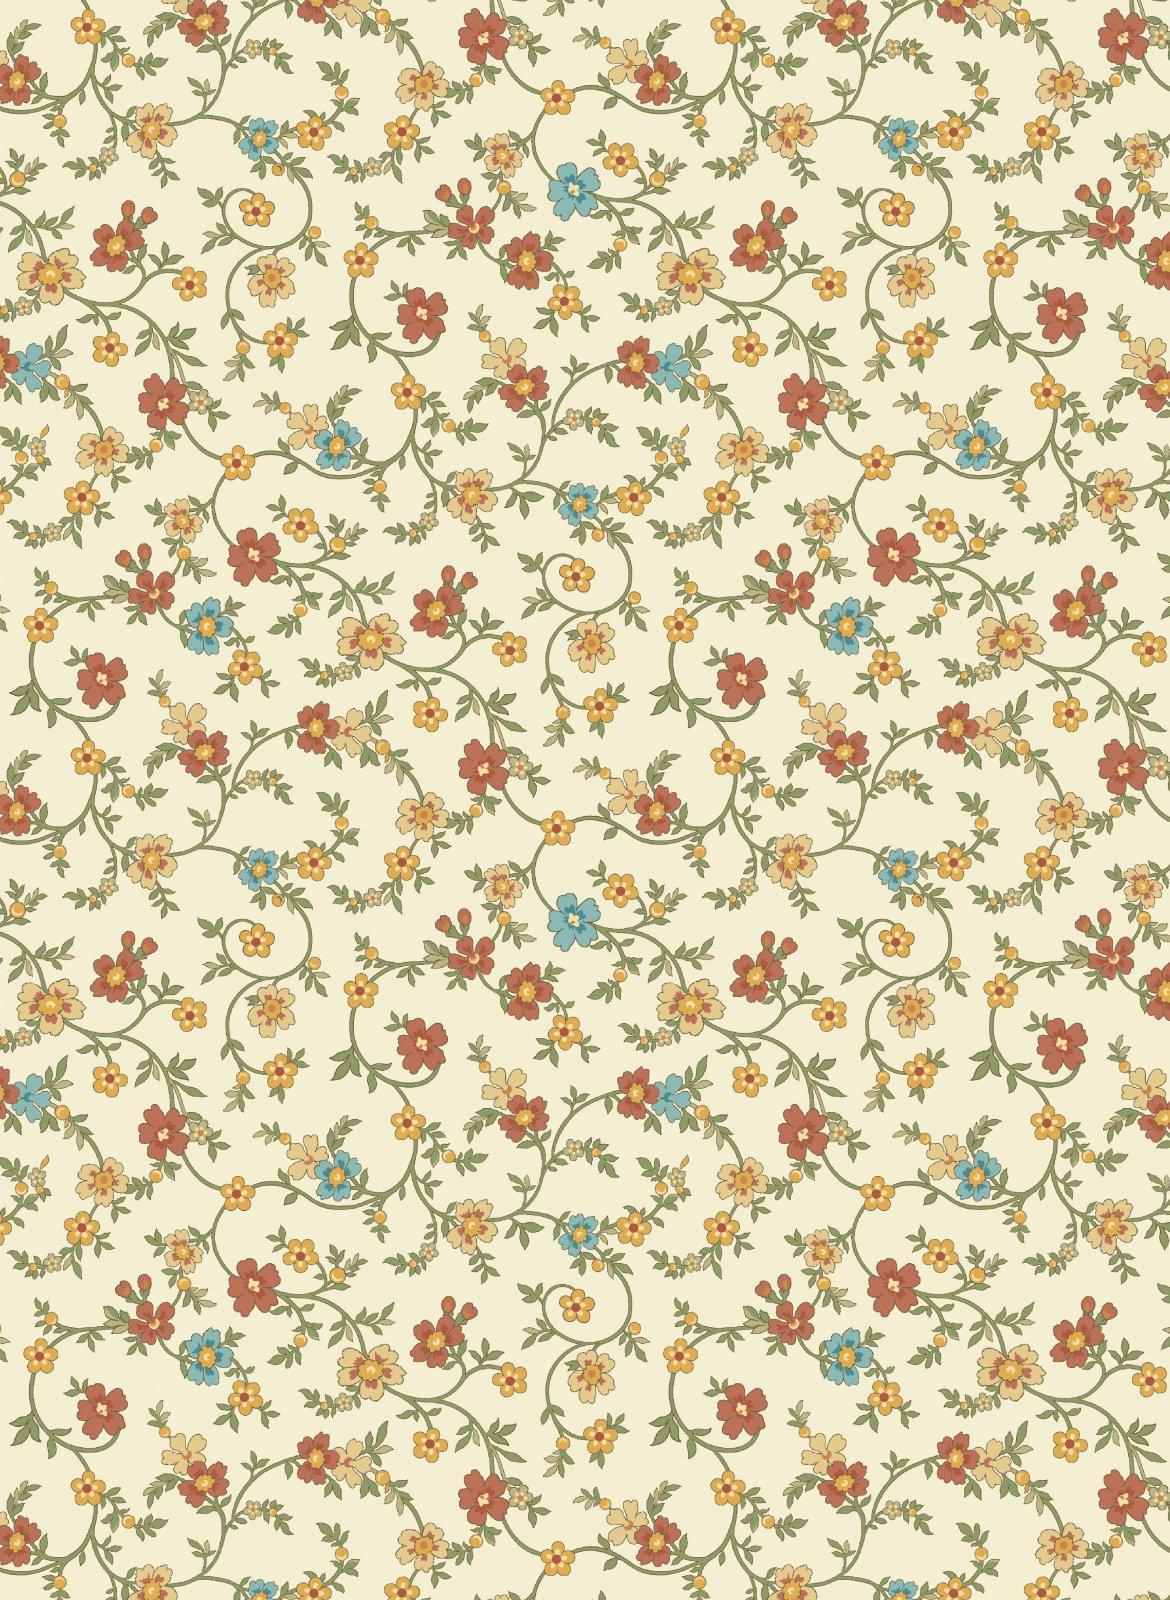 Garden Getaway Fabric 12 (0907 0142 )